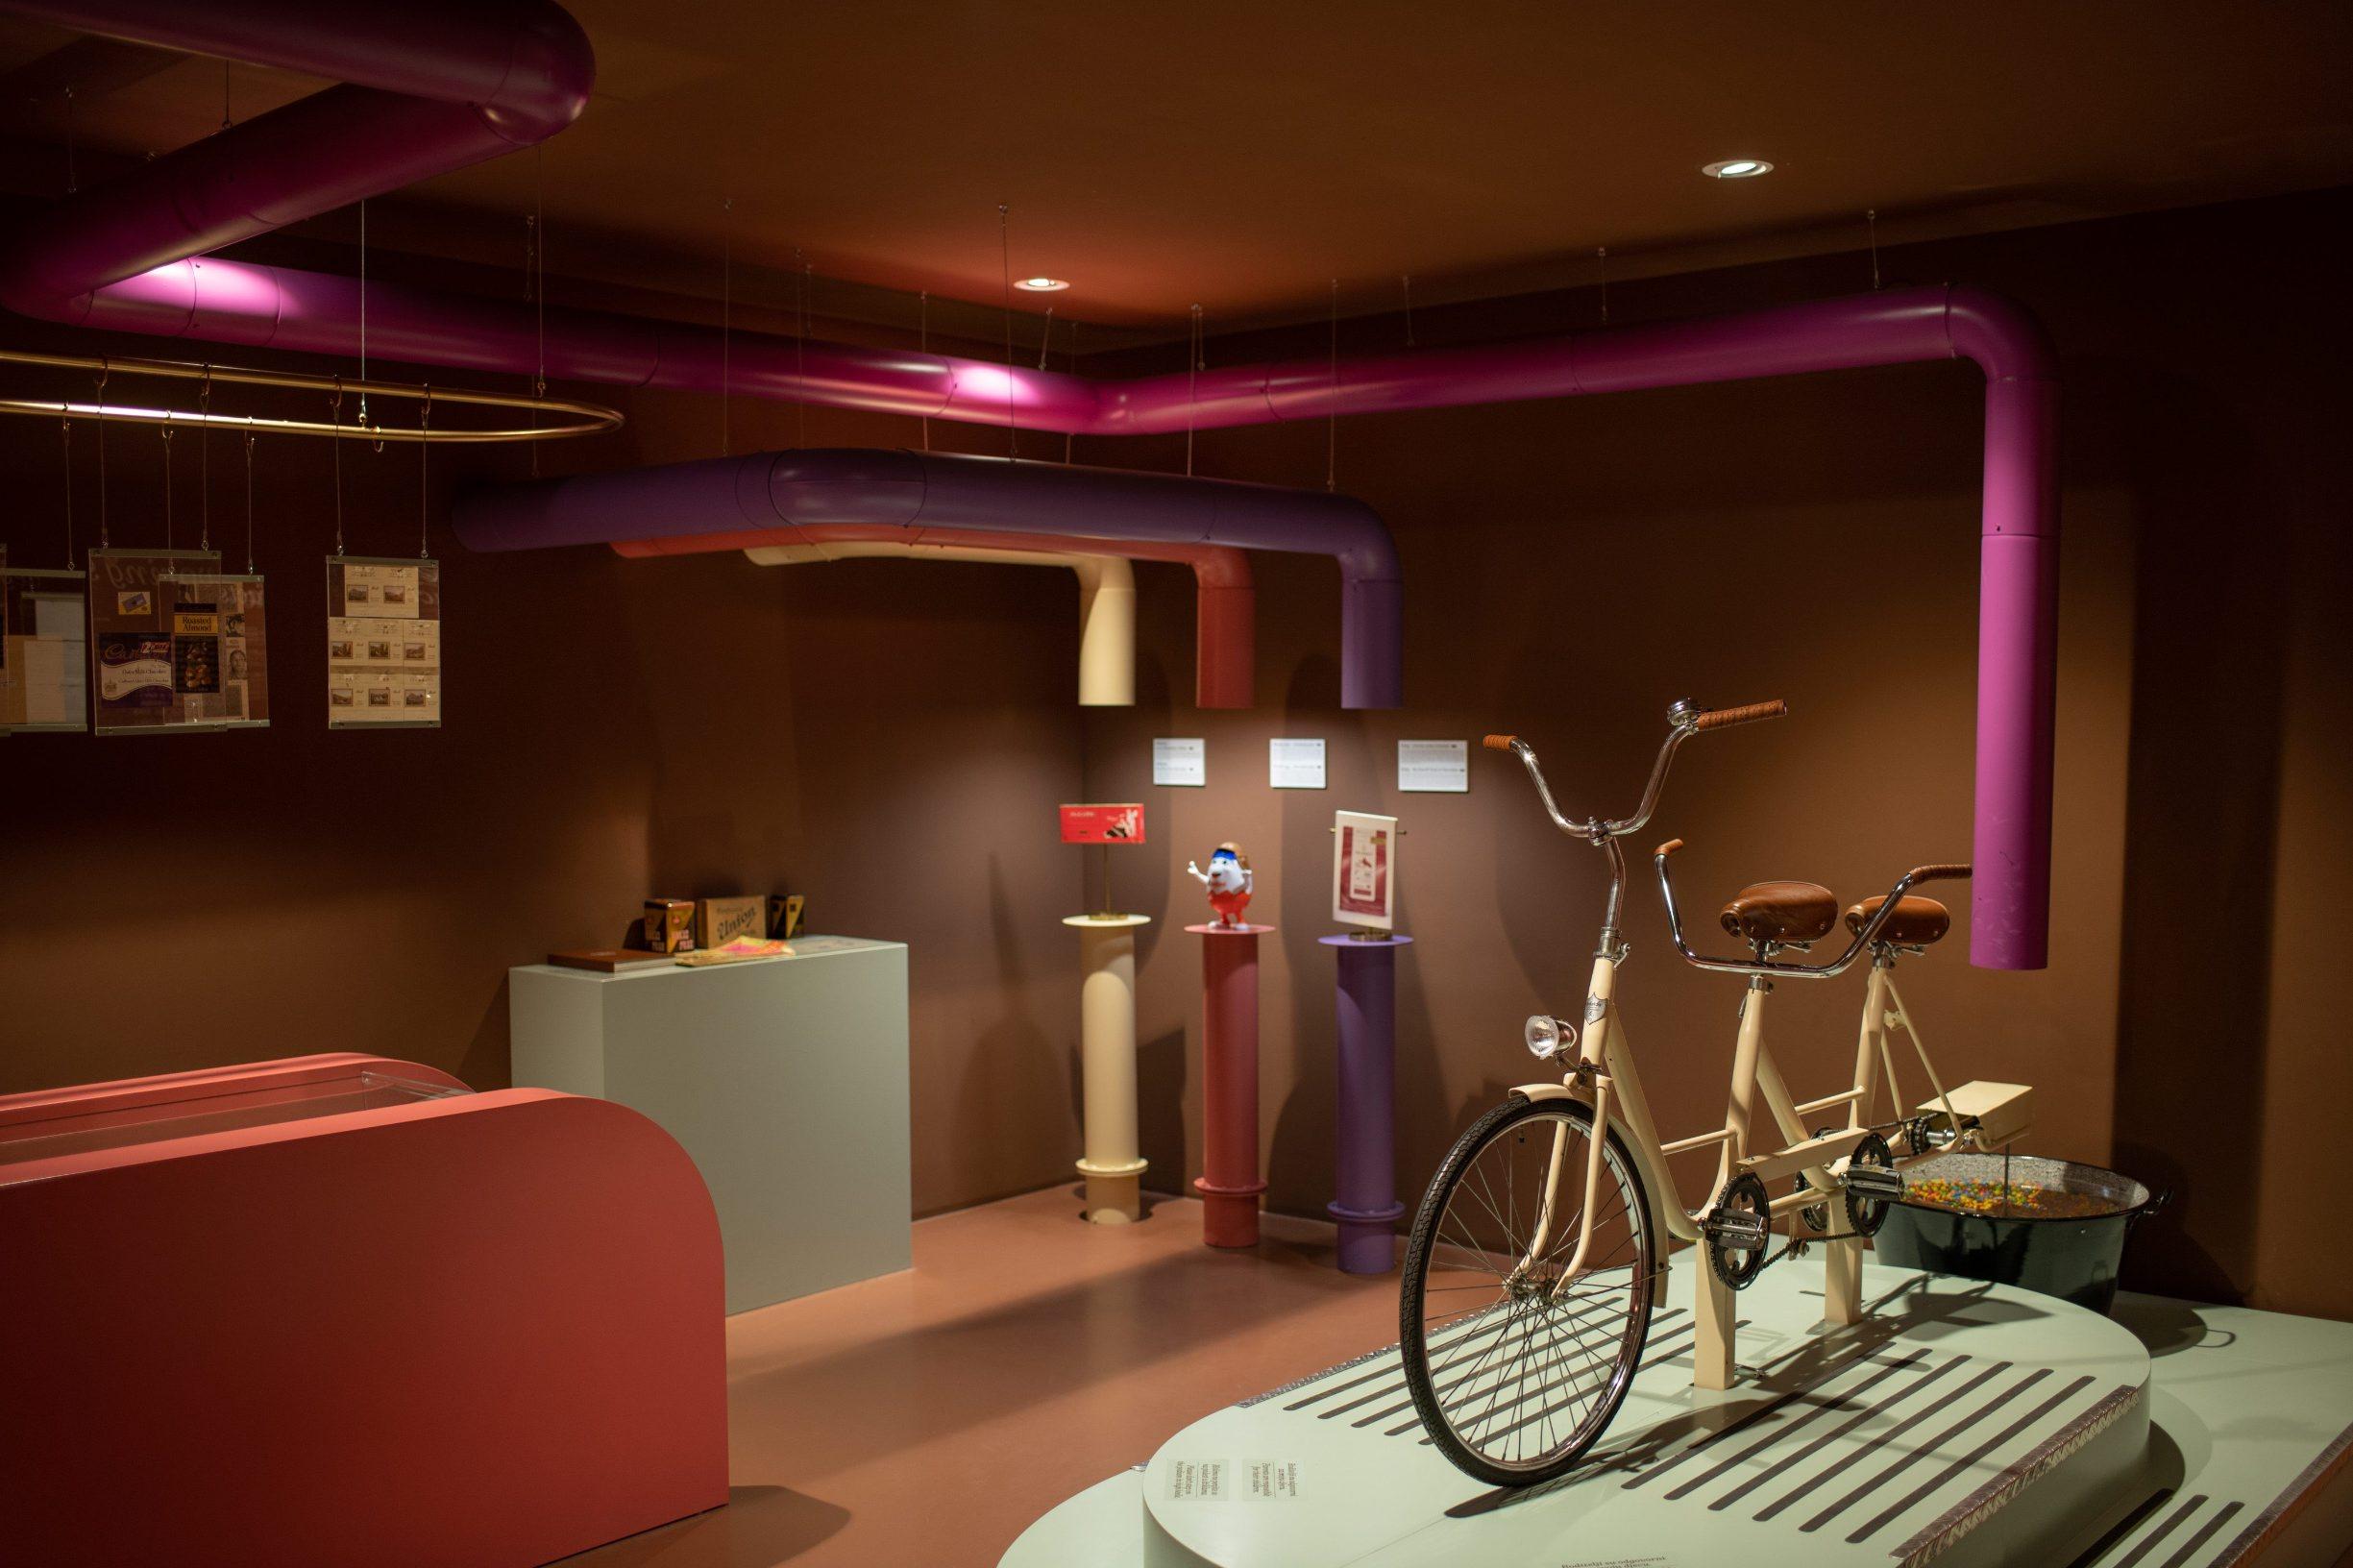 Zagreb, 270120 Muzej cokolade u Varsavskoj ulici. U sklopu muzeja nalazi se i radionica temperiranja cokolade i proizvodnje pralina za posjetitelje. Foto: Marko Miscevic / Cropix